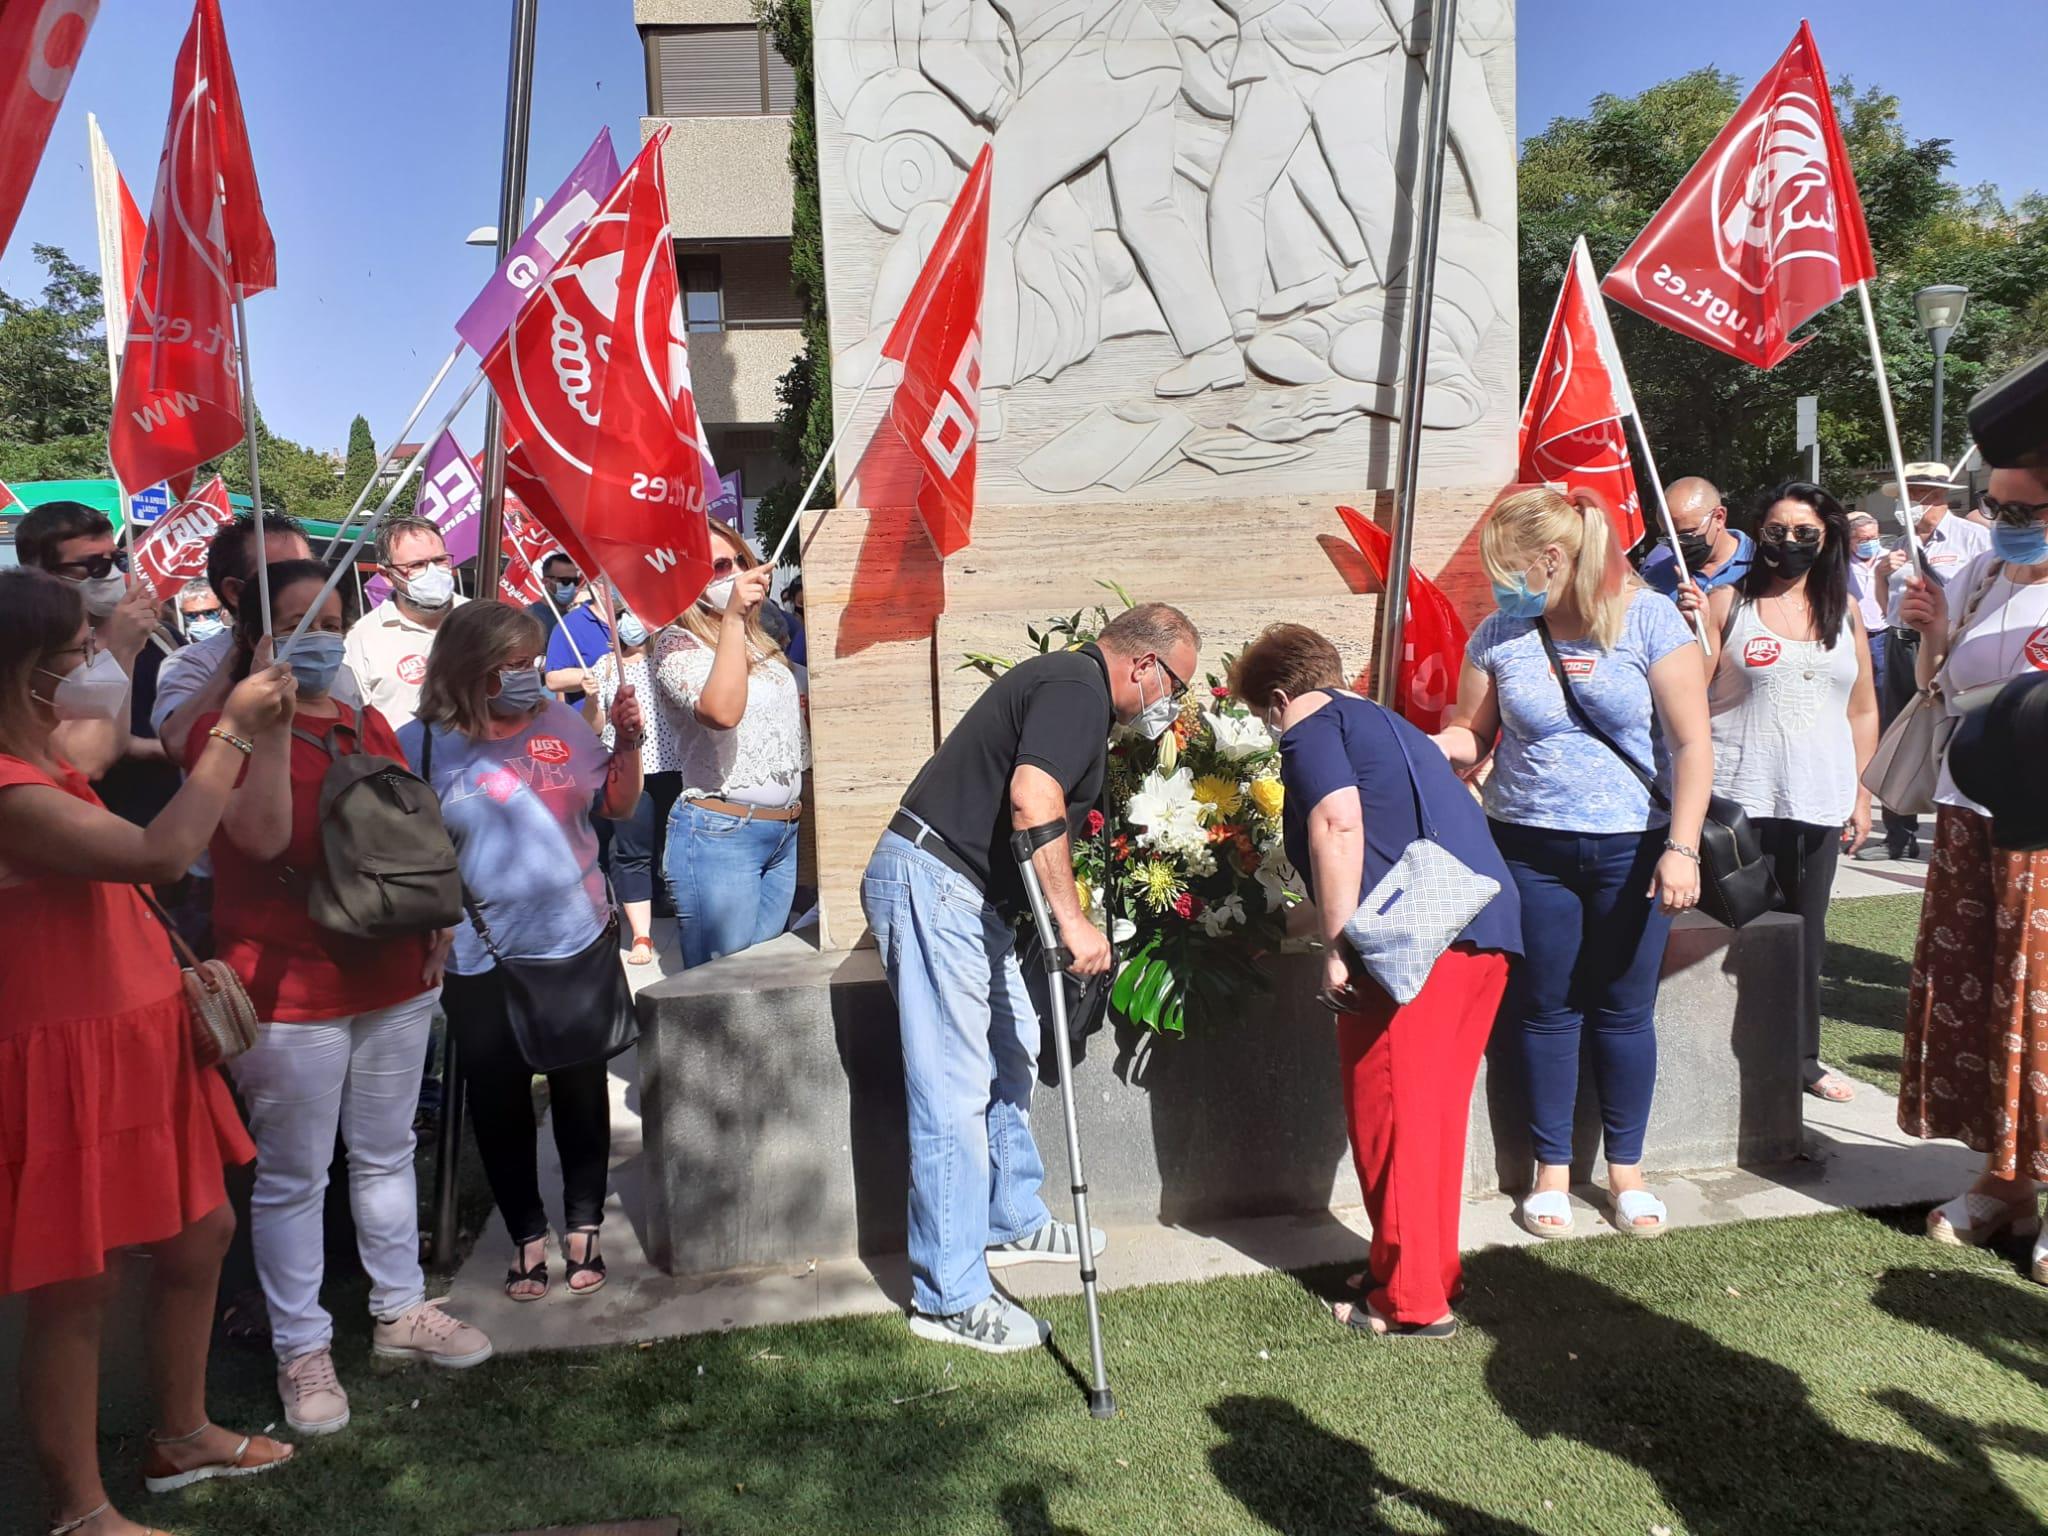 UGT y CCOO recuerdan a los asesinados hace 50 años en la Huelga Obrera del 1970